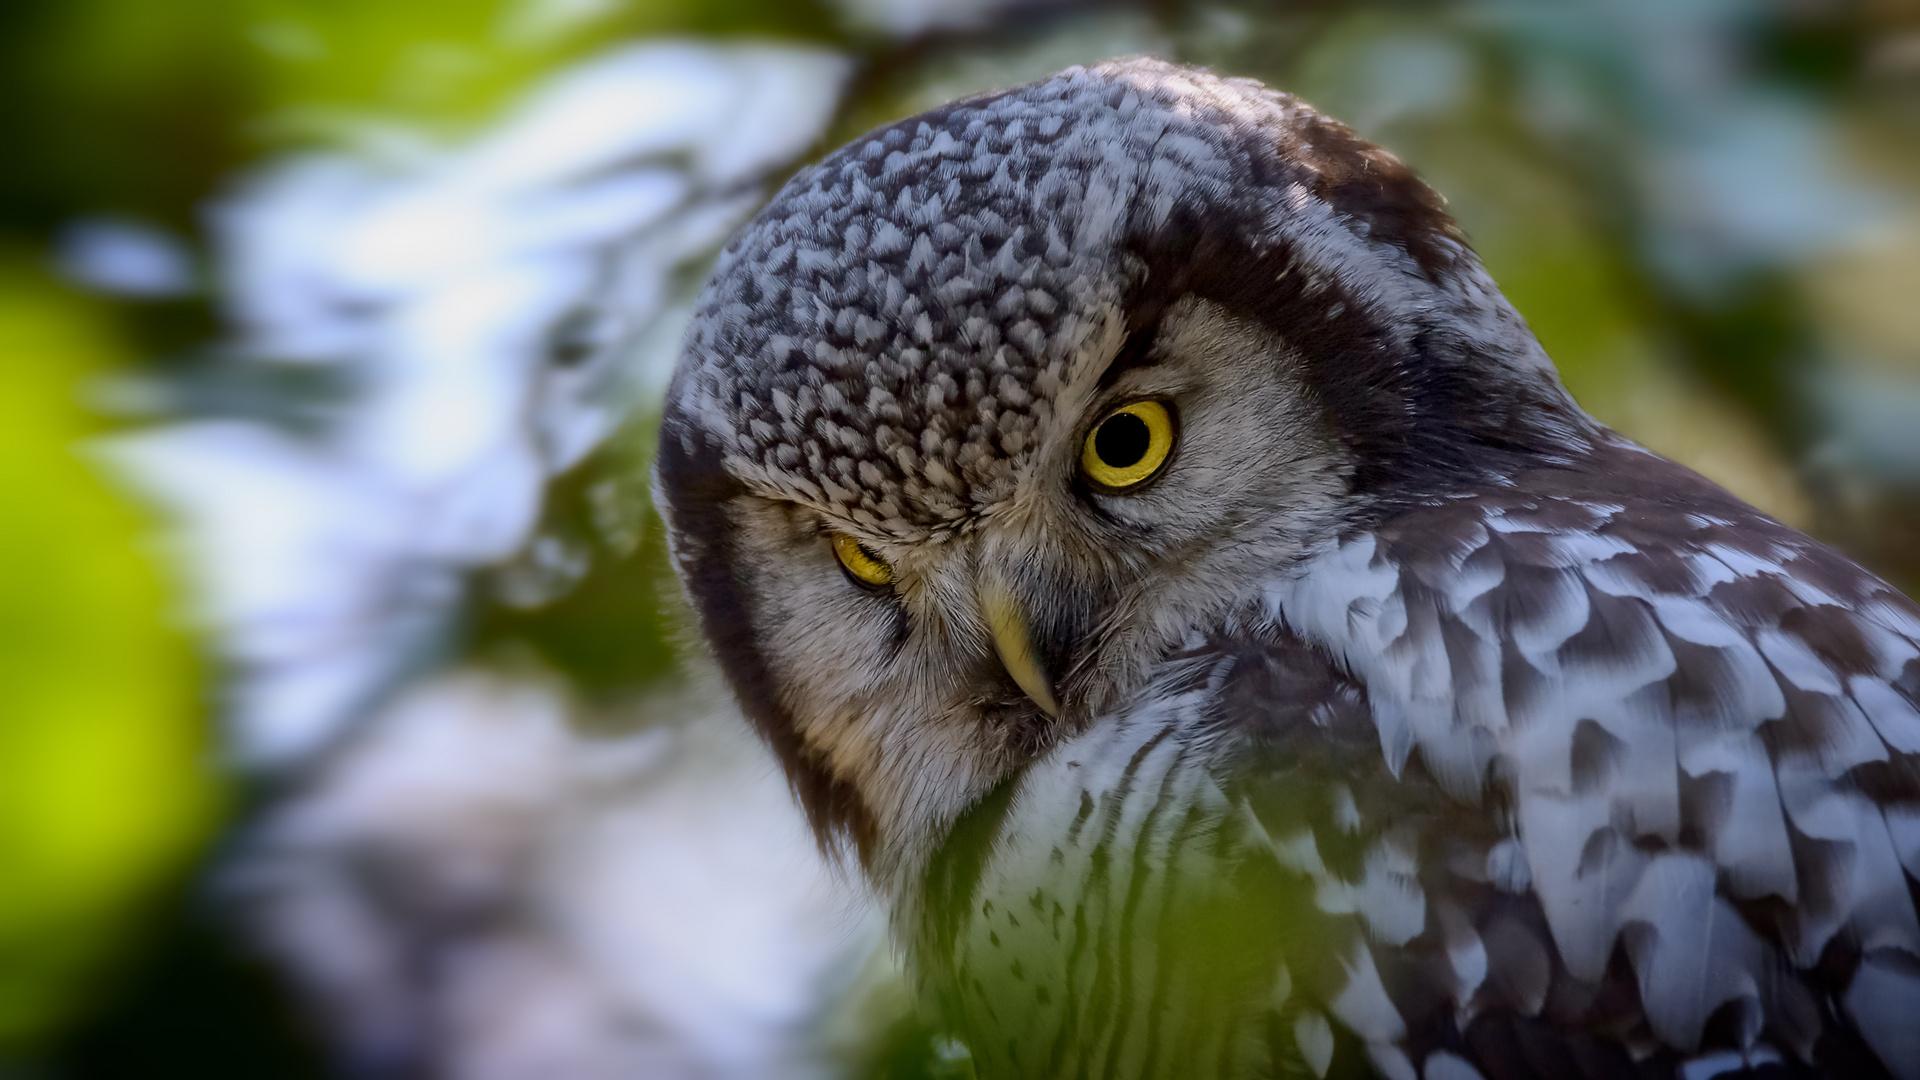 der skeptische Blick